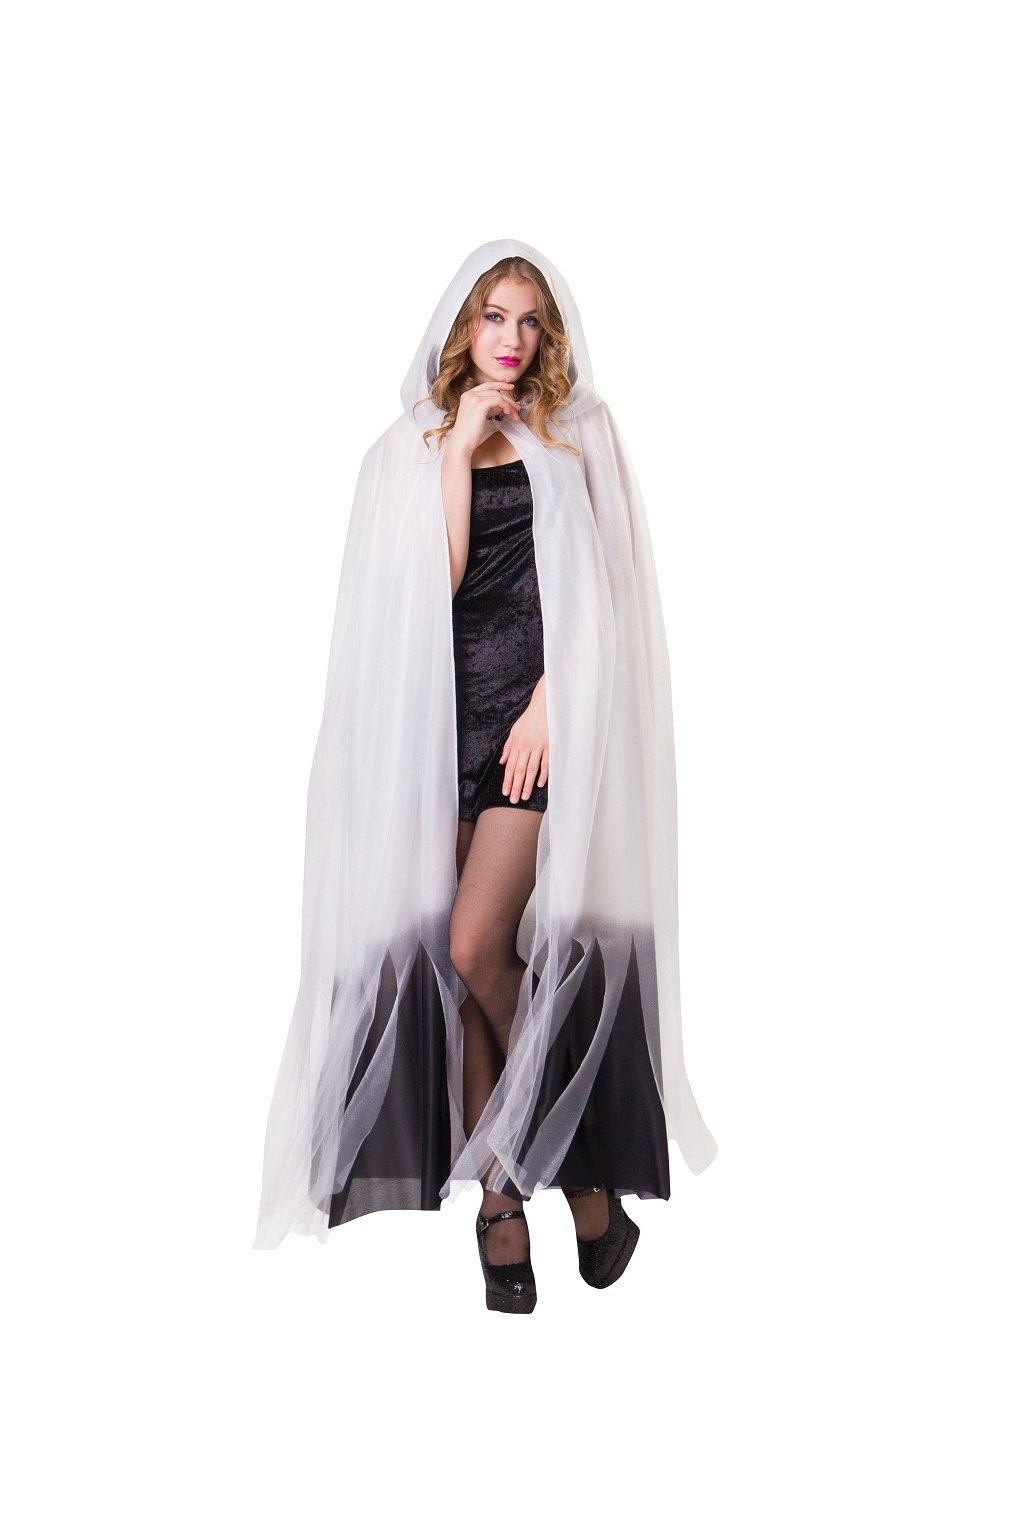 Duch - bílý plášt s kapucí